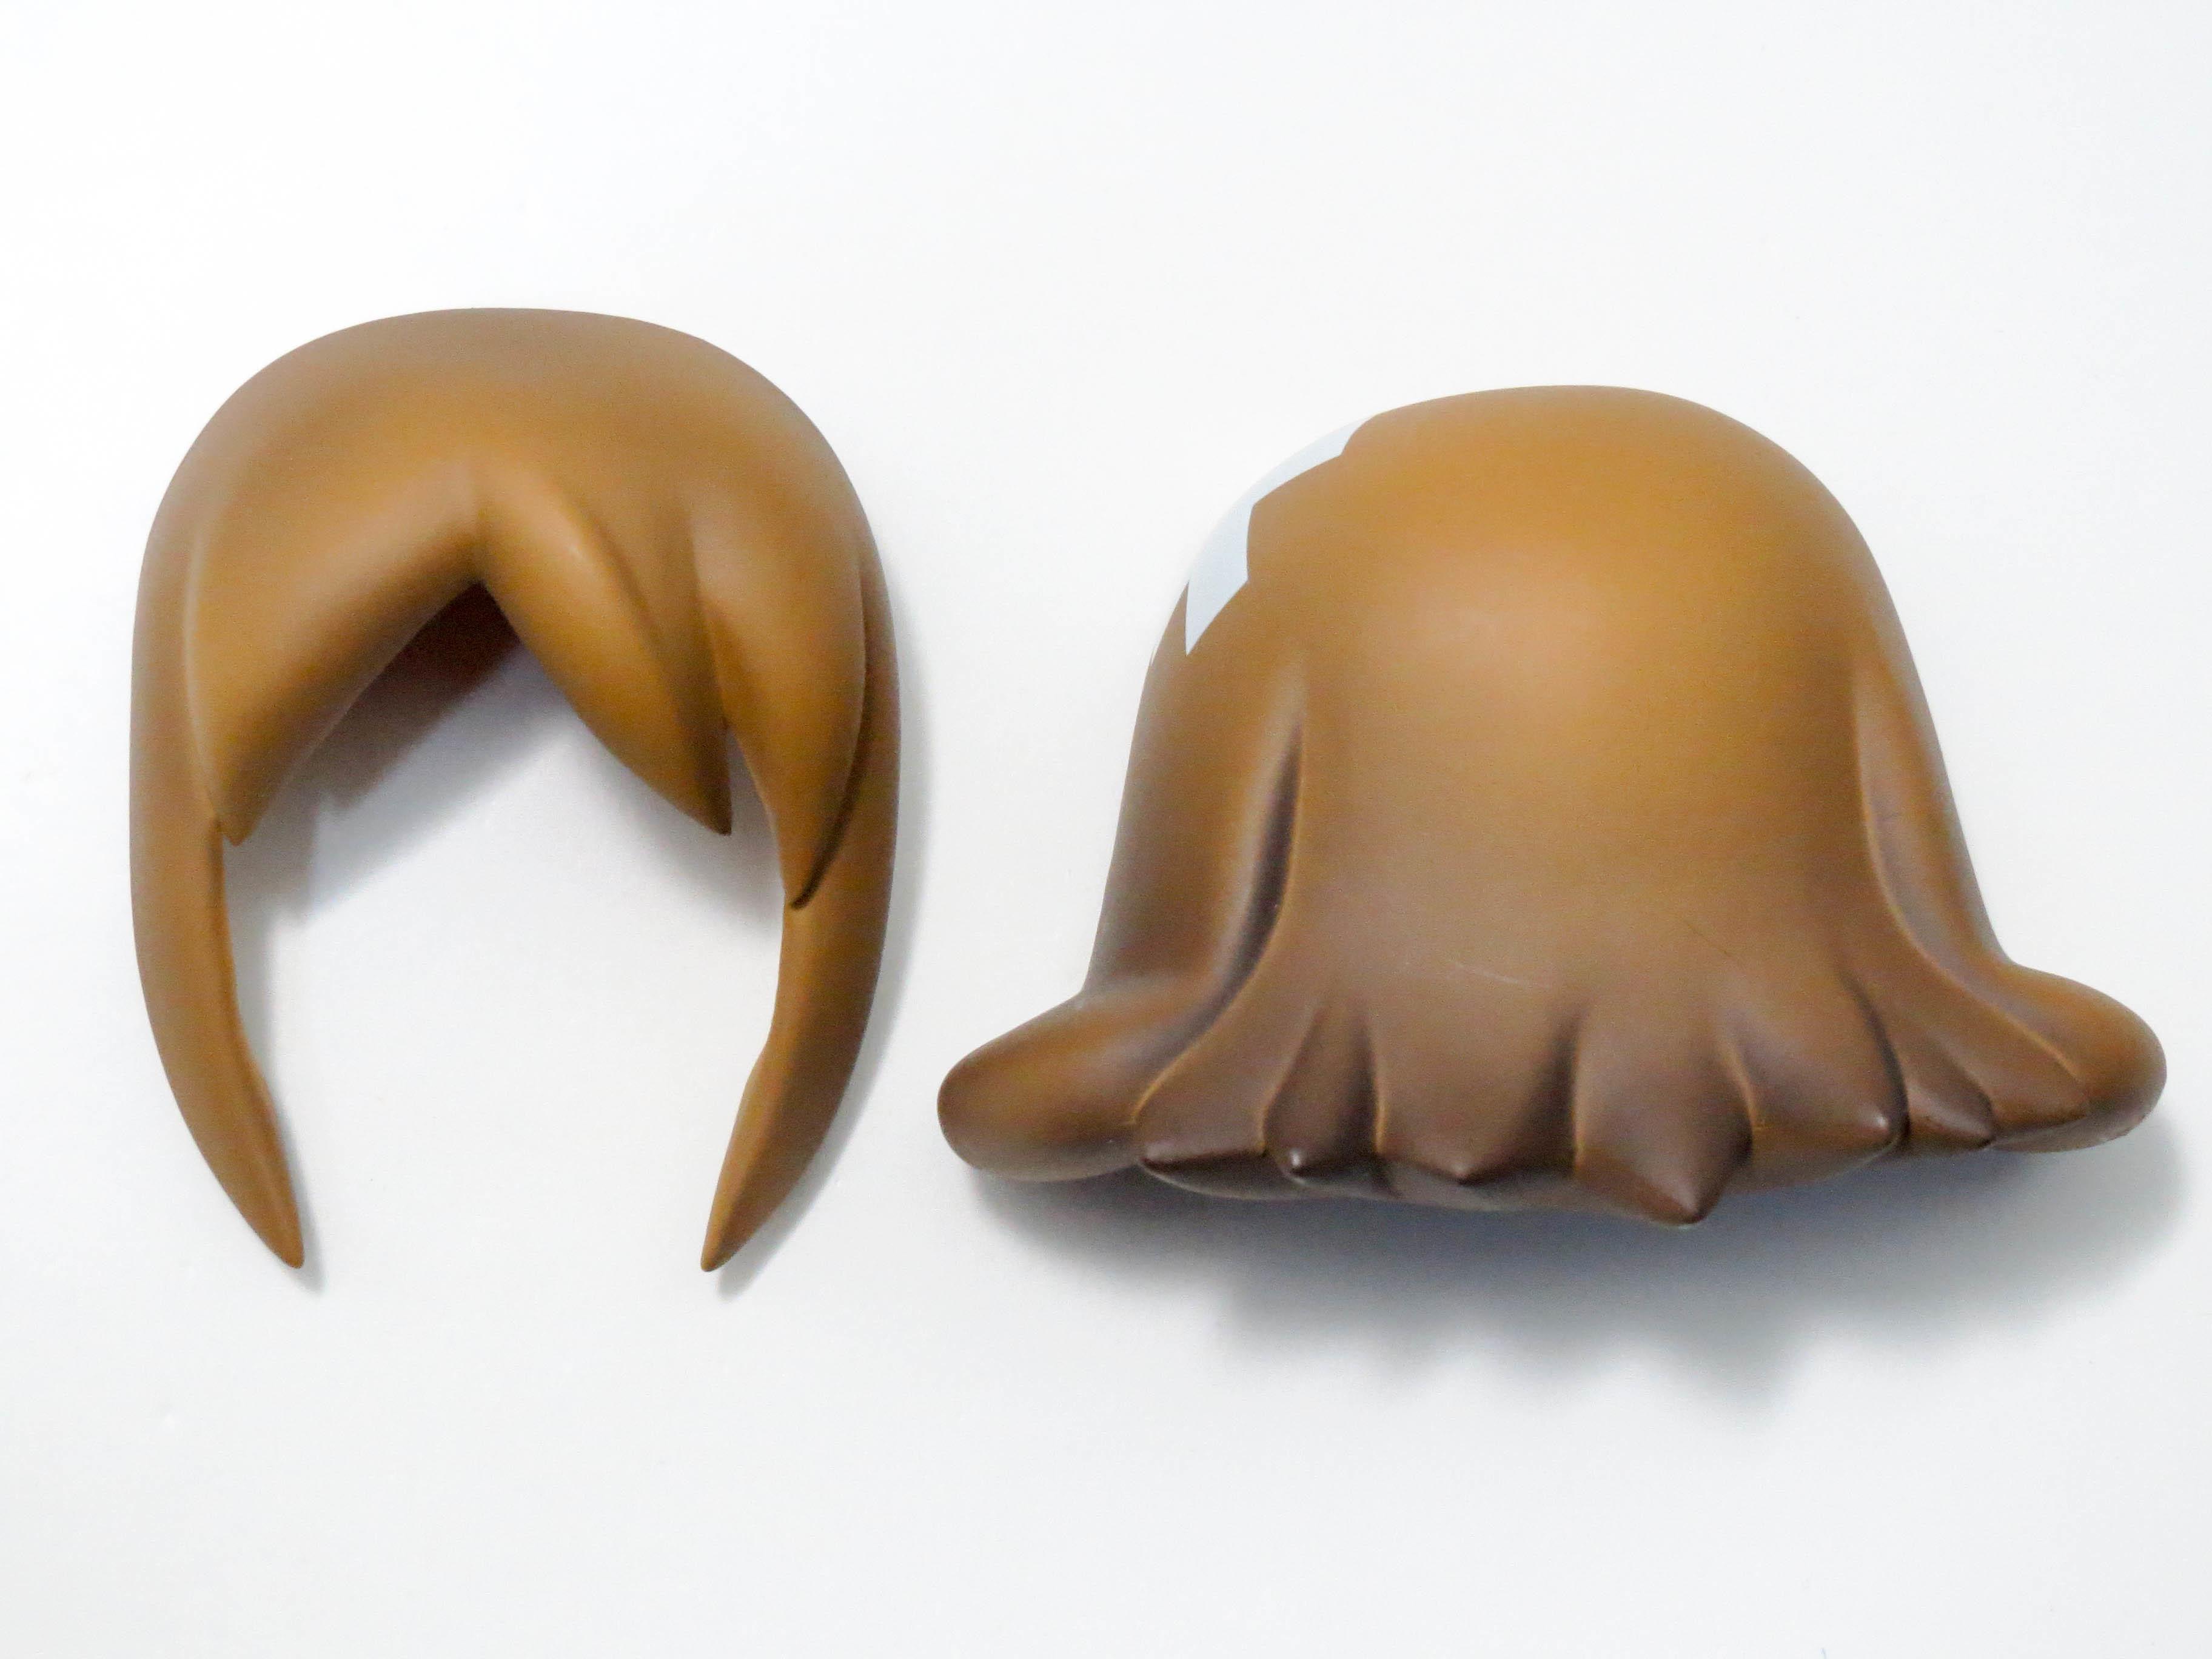 【196】 砂漠のあーみーさん 髪パーツ セミロング ねんどろいど